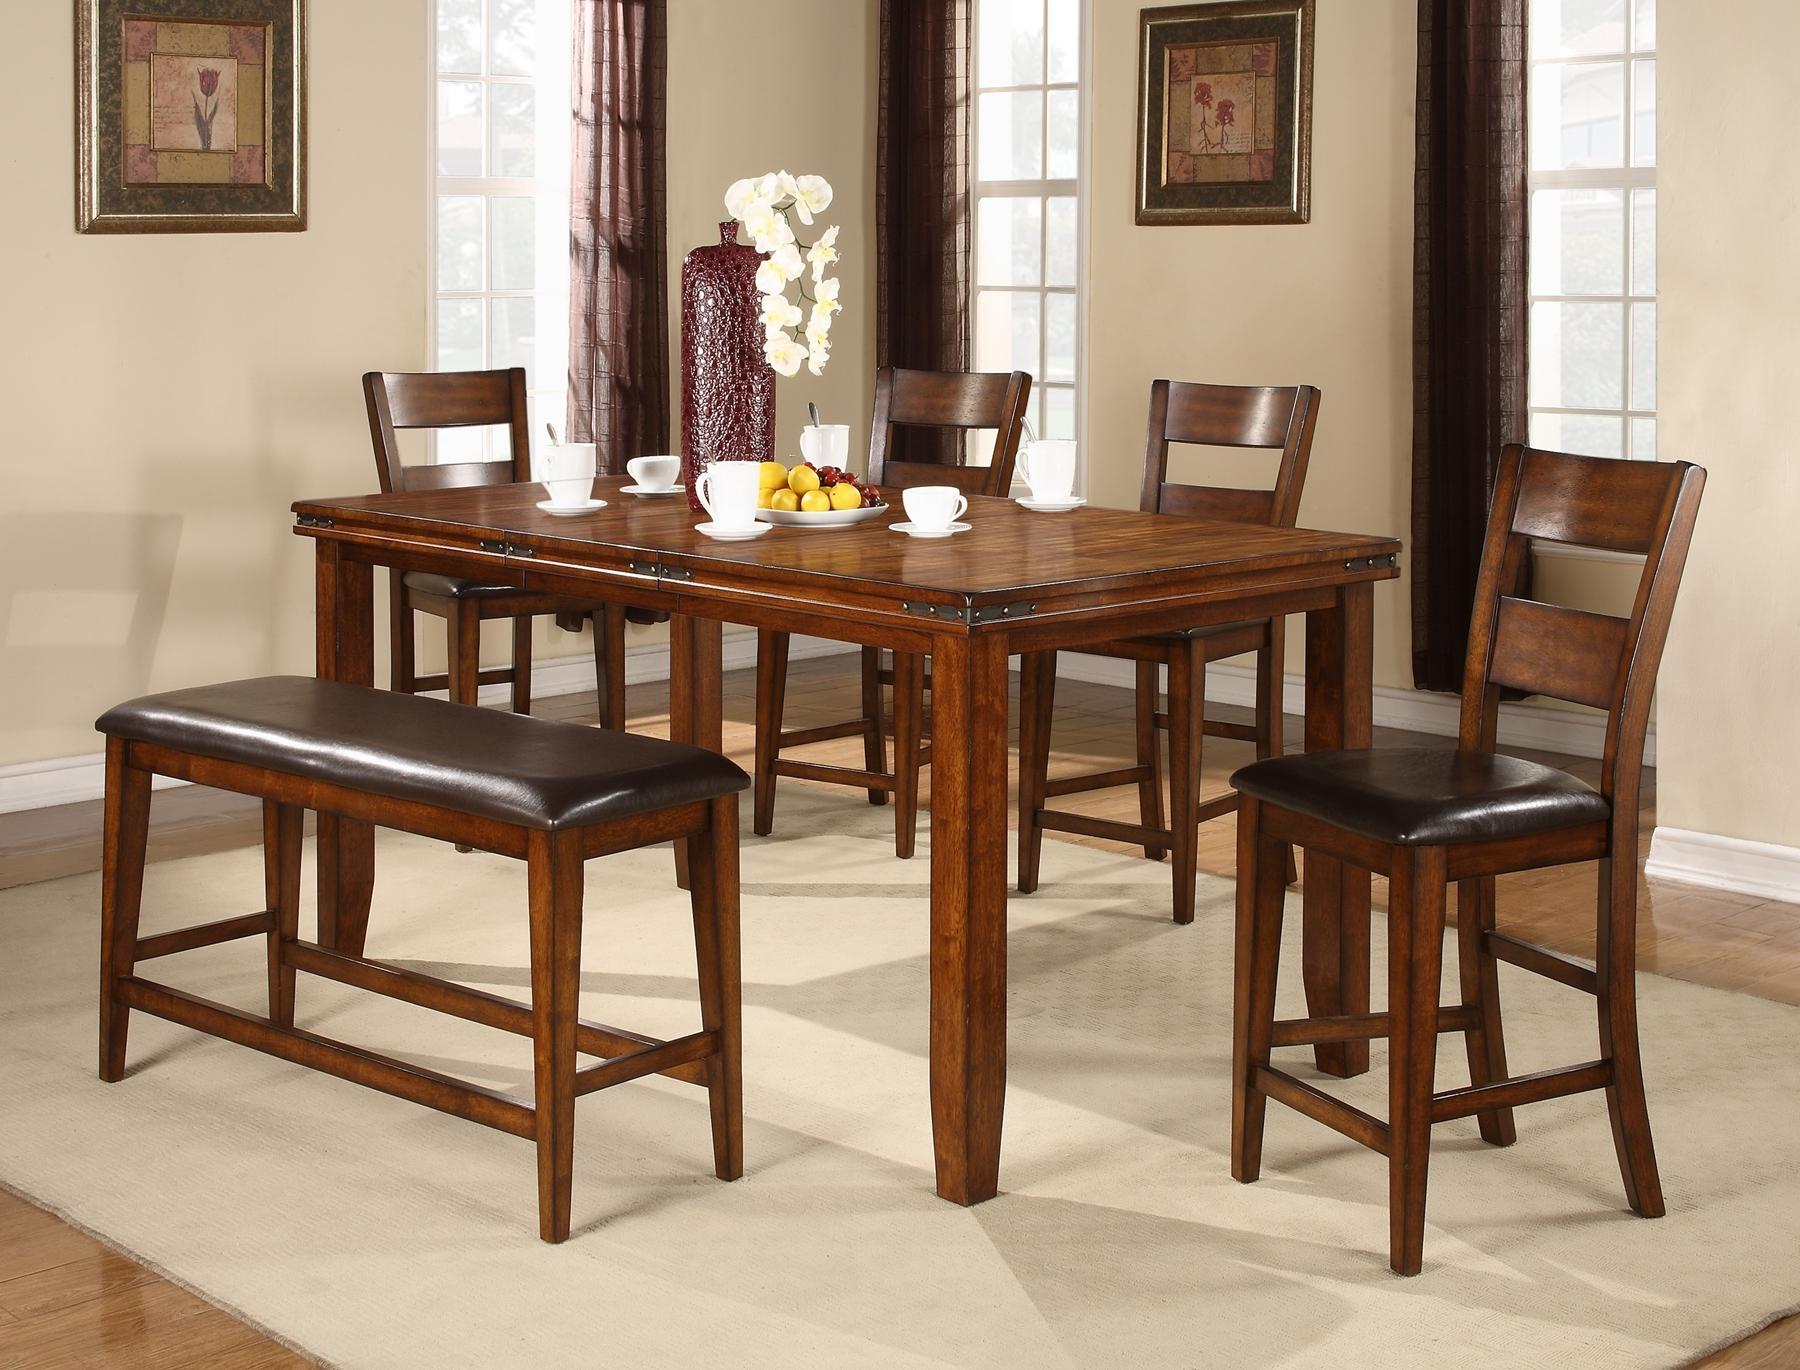 Galleria Furniture Discounted Furniture In Dallas Fort Worth